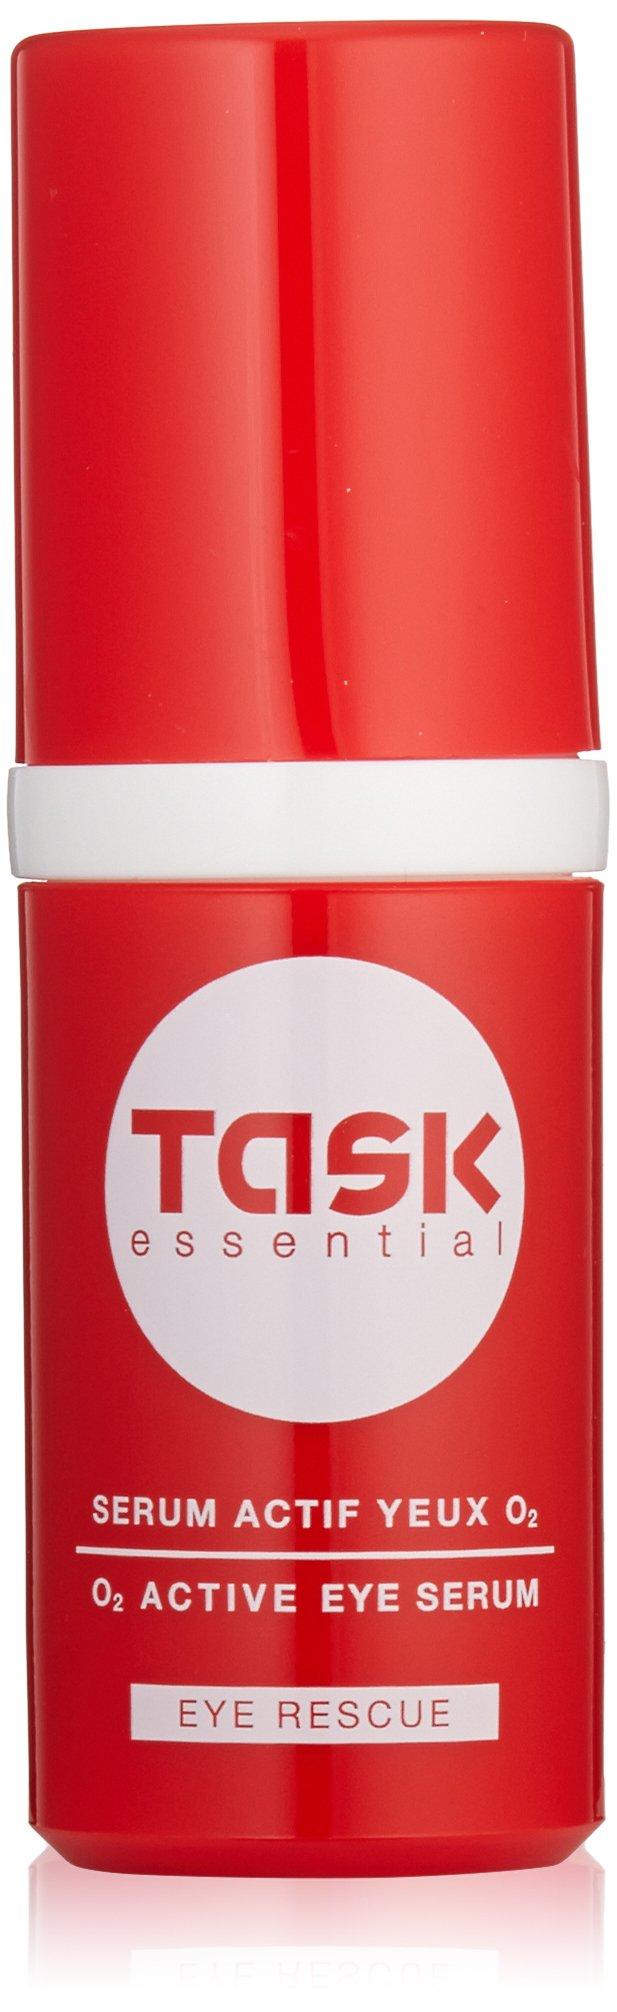 Task Essential Eye Rescue Treatment